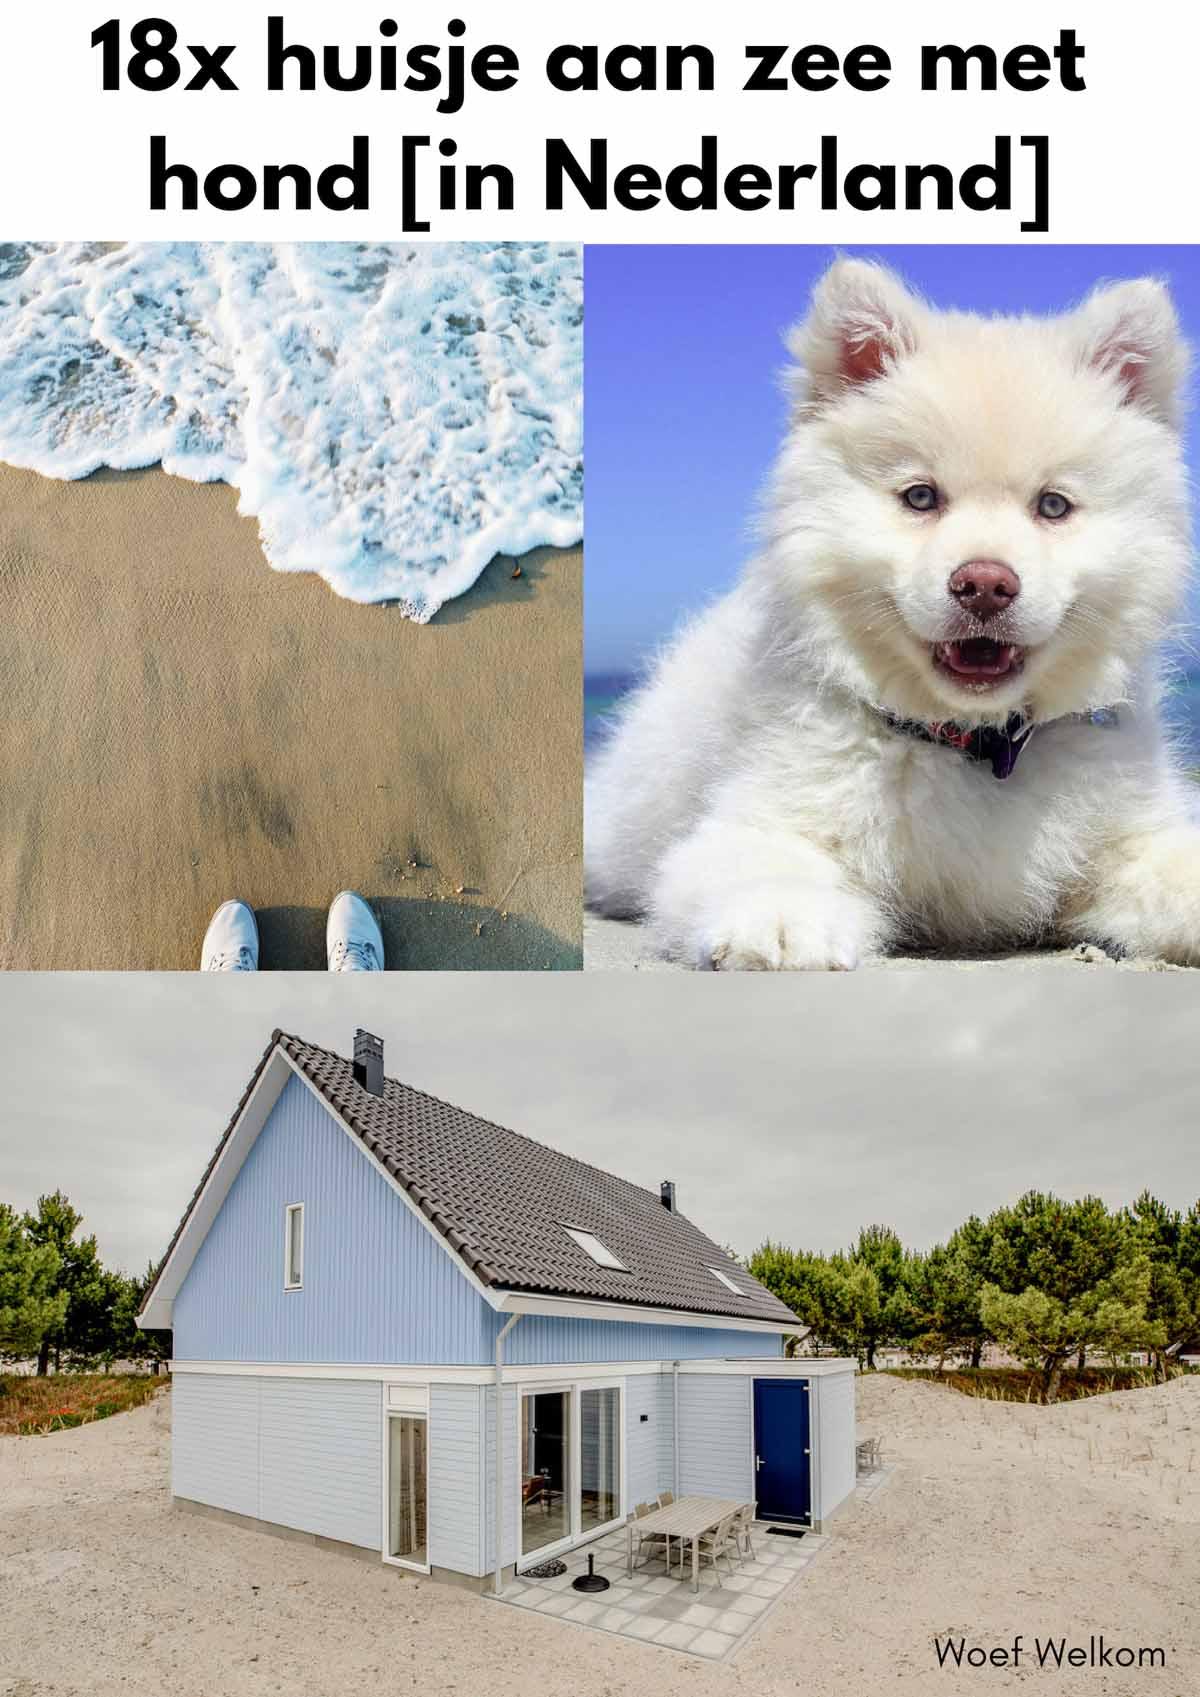 18x huisje aan zee met hond - Woef Welkom